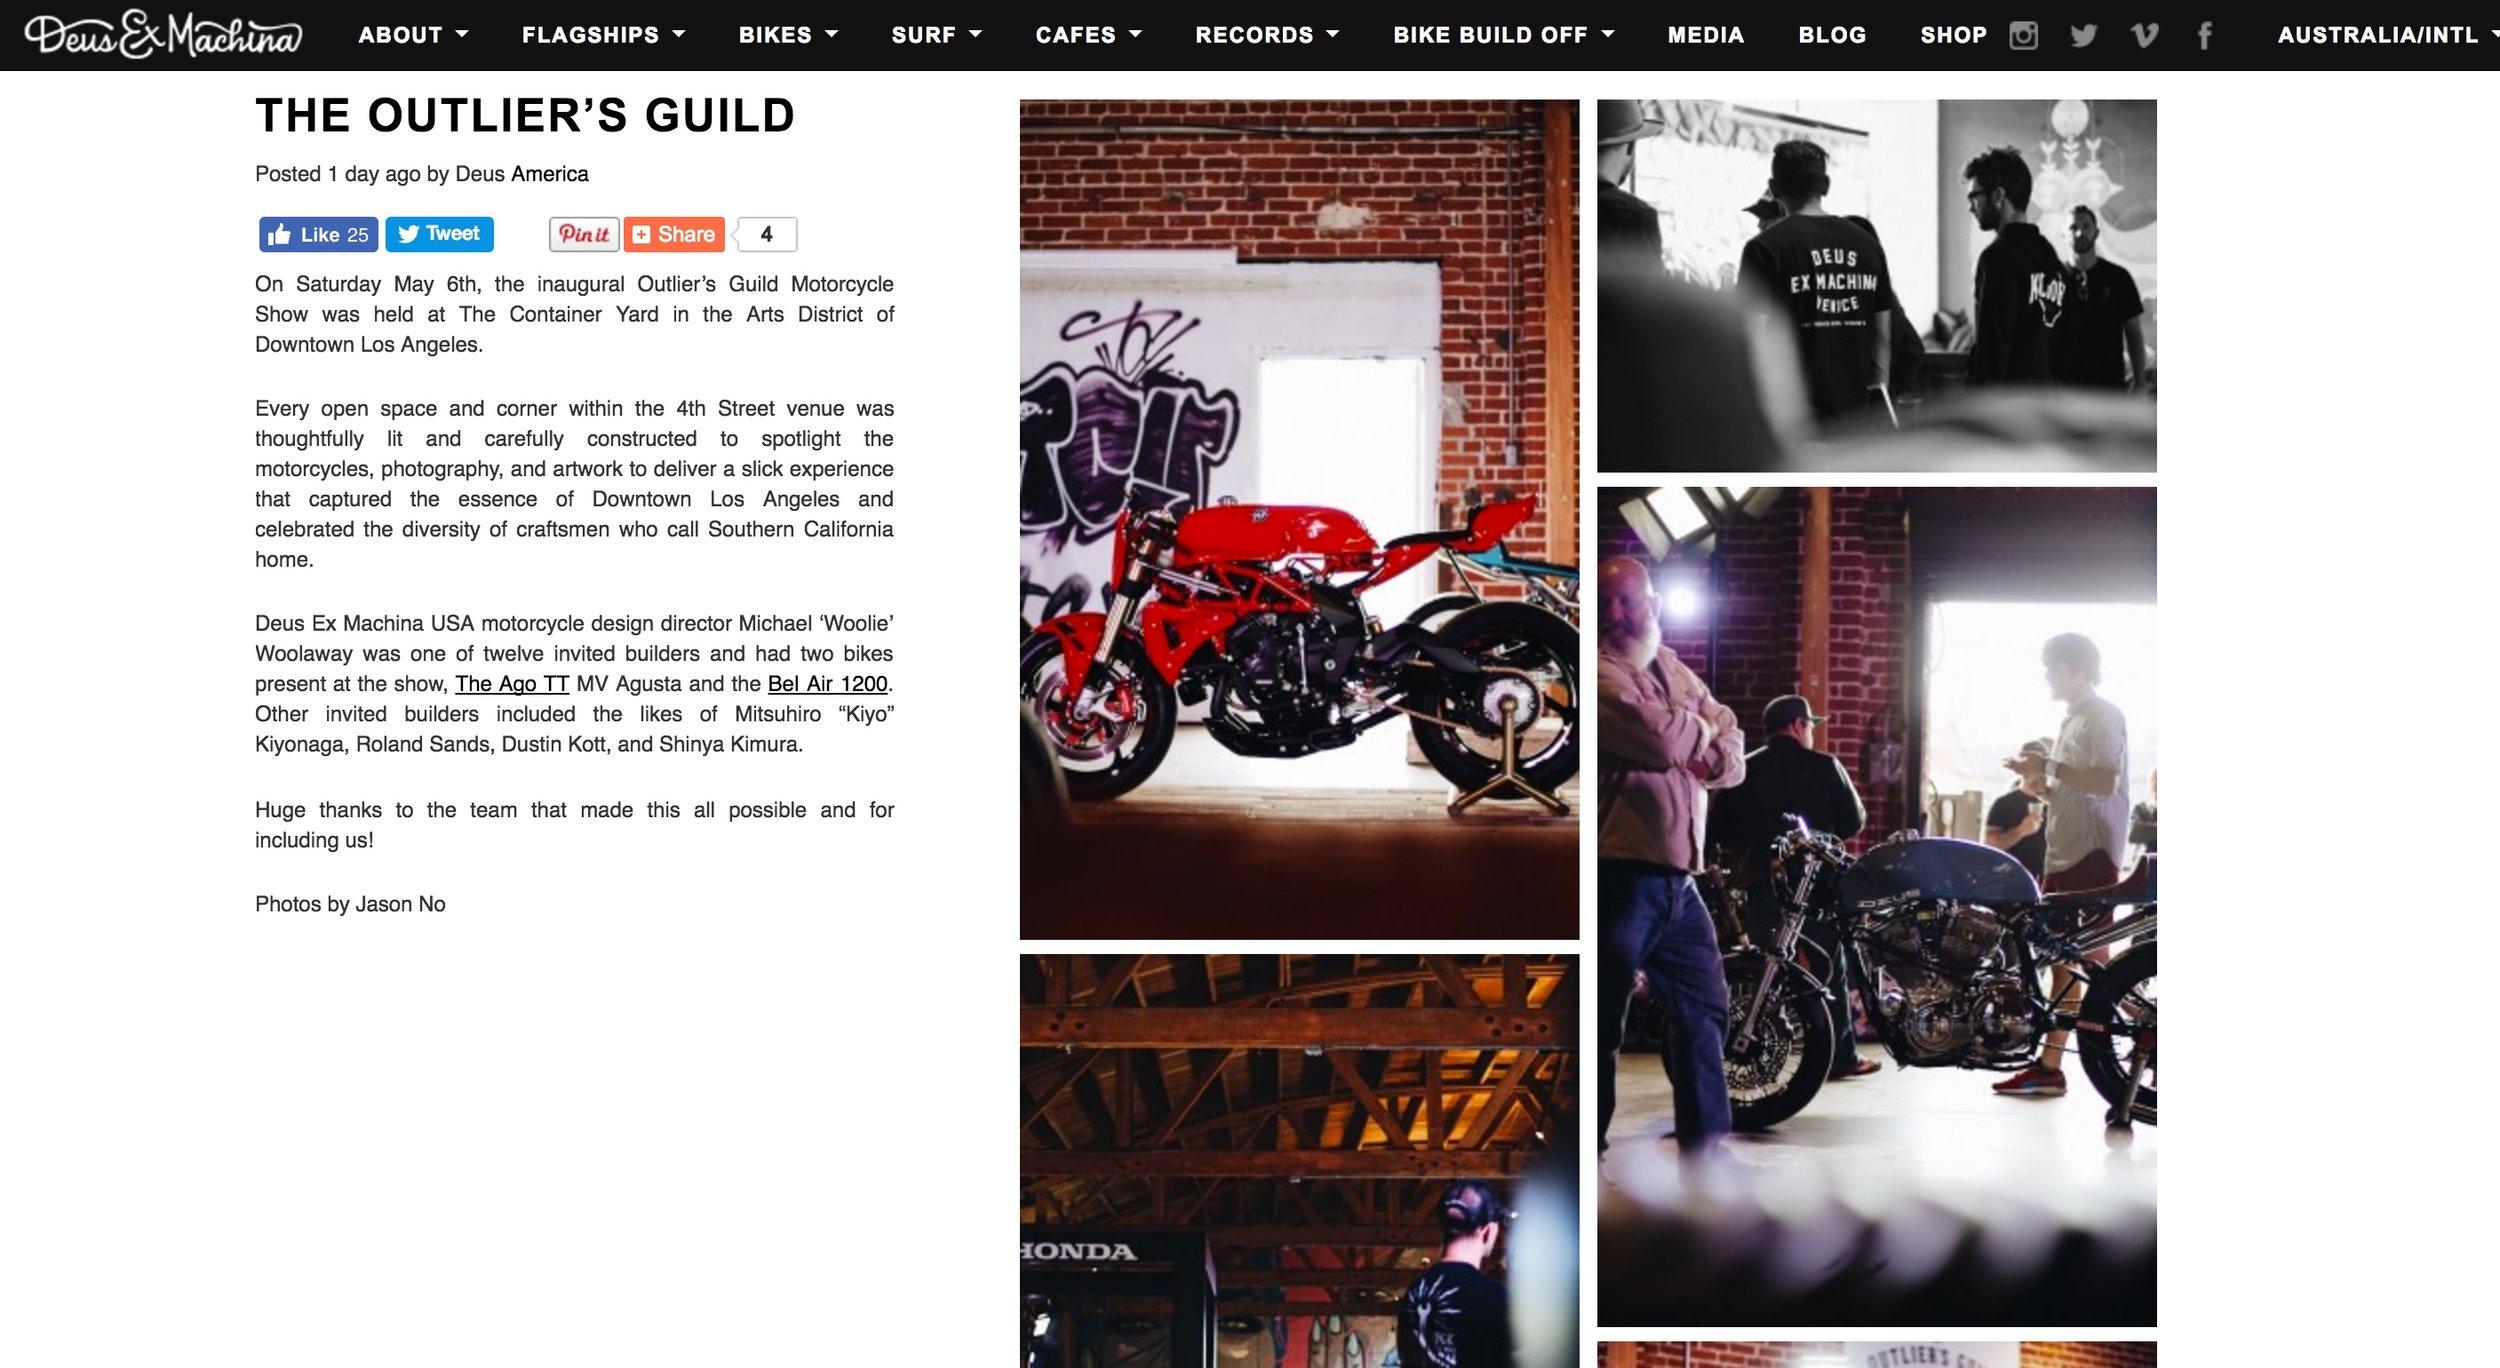 Event Coverage on the Deus ex Machina Website